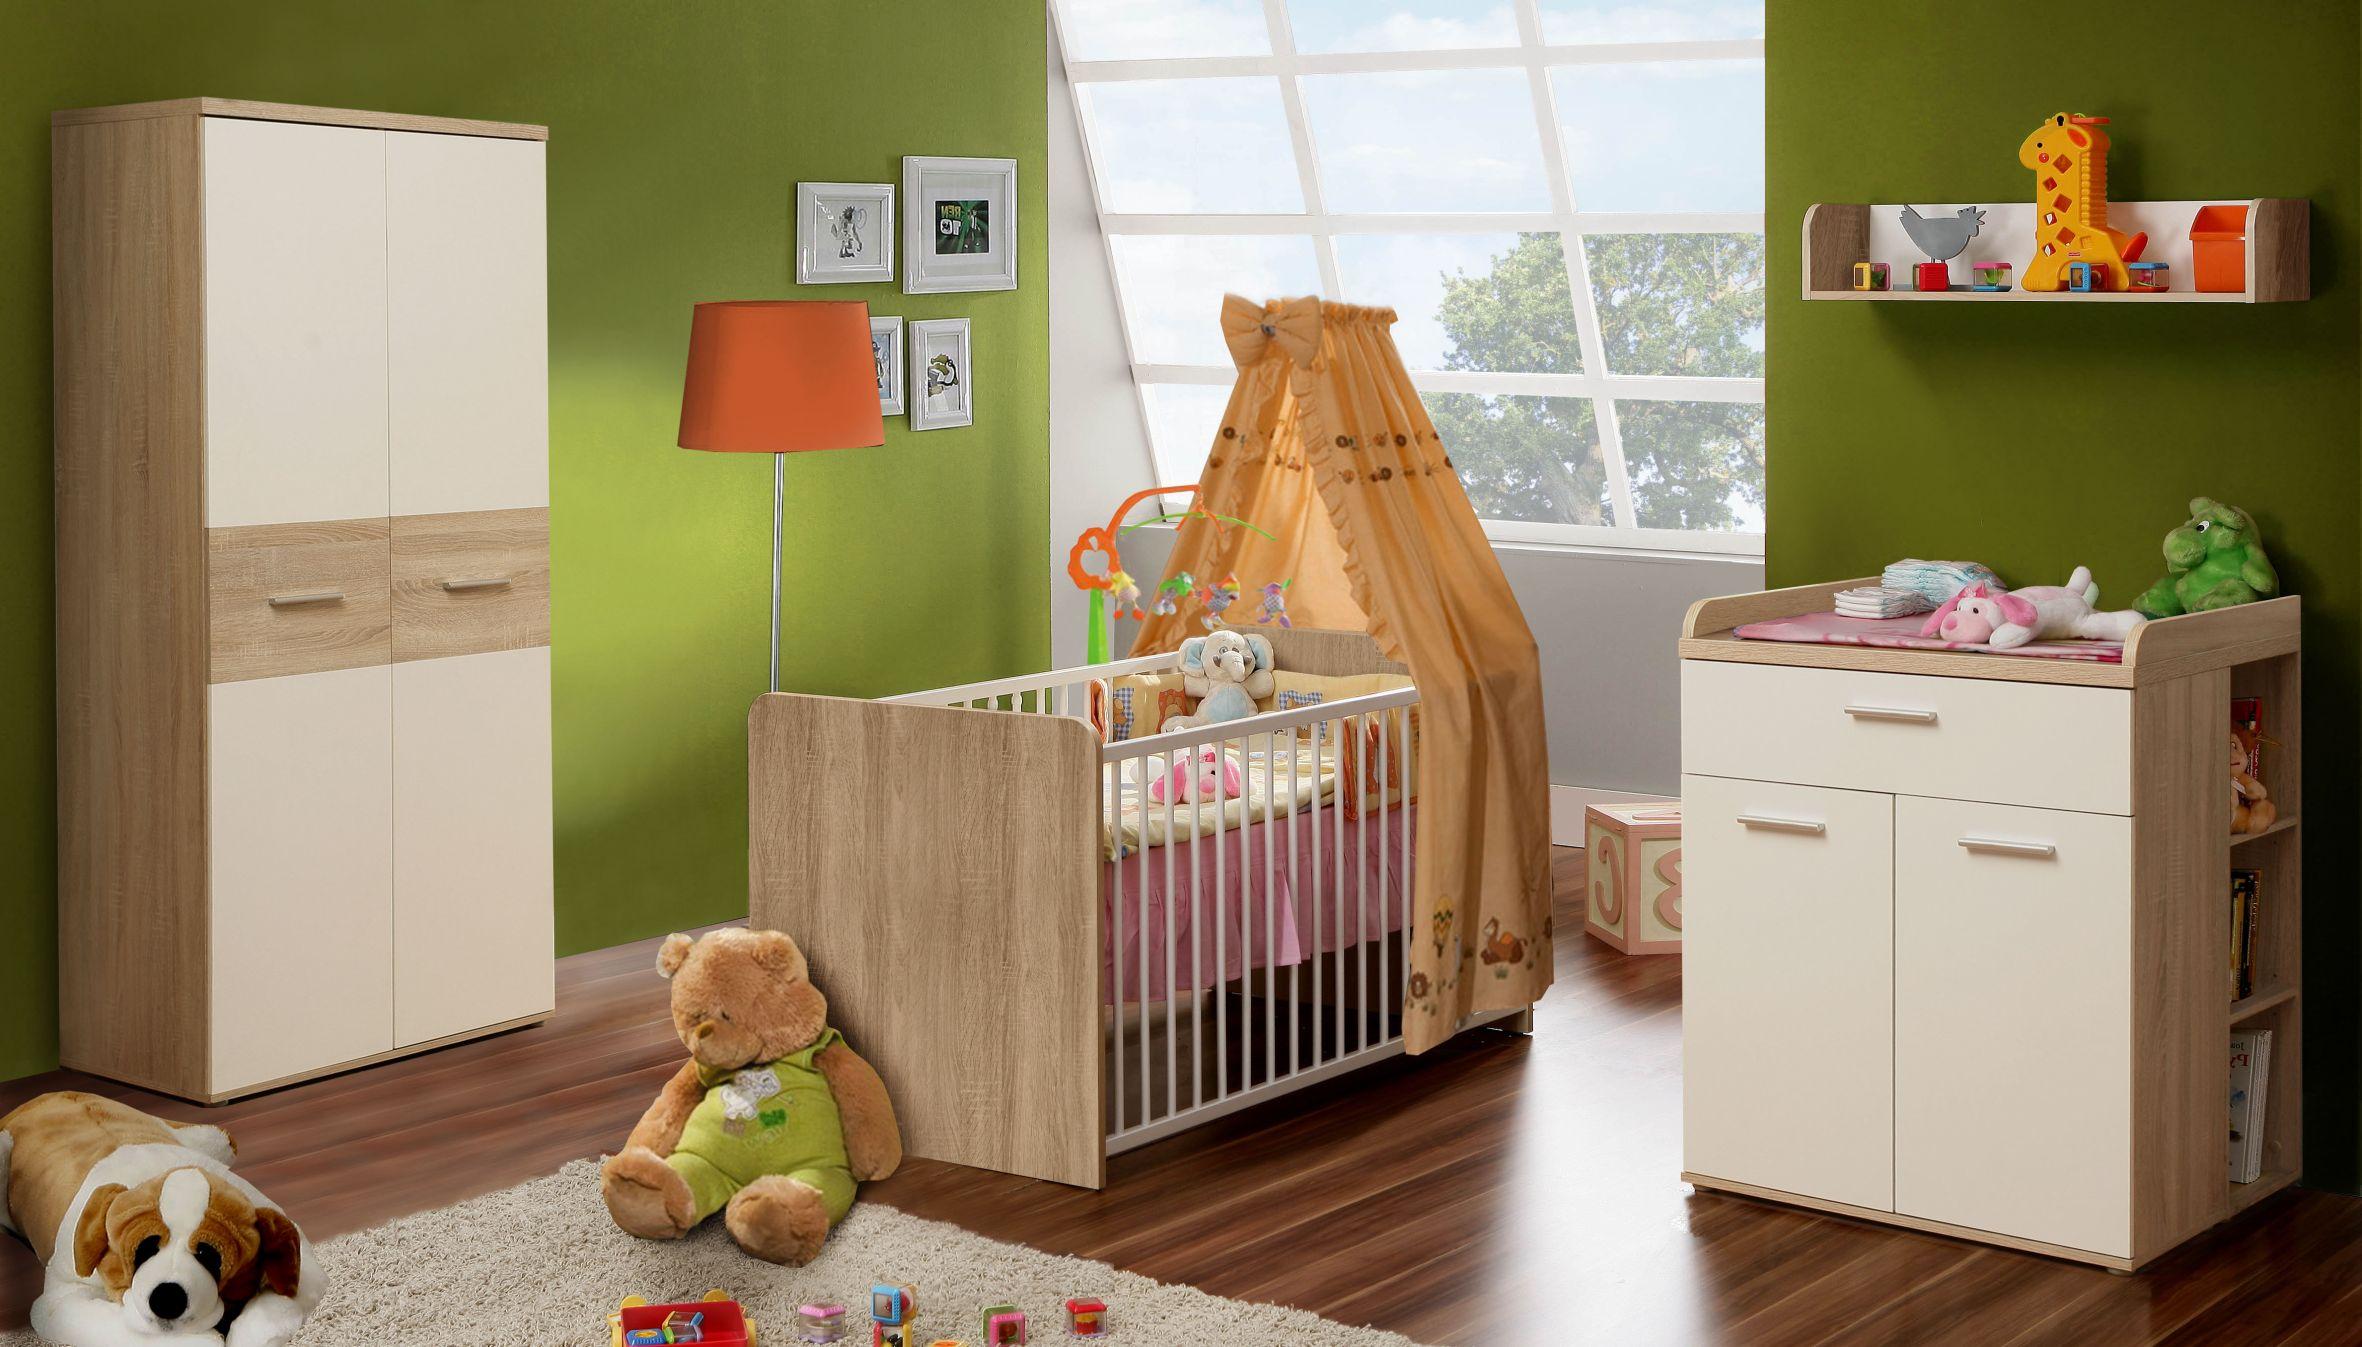 70x140 babybett inkl lattenrost 3fach h henverstellbar winnie von forte sonoma eiche weiss. Black Bedroom Furniture Sets. Home Design Ideas